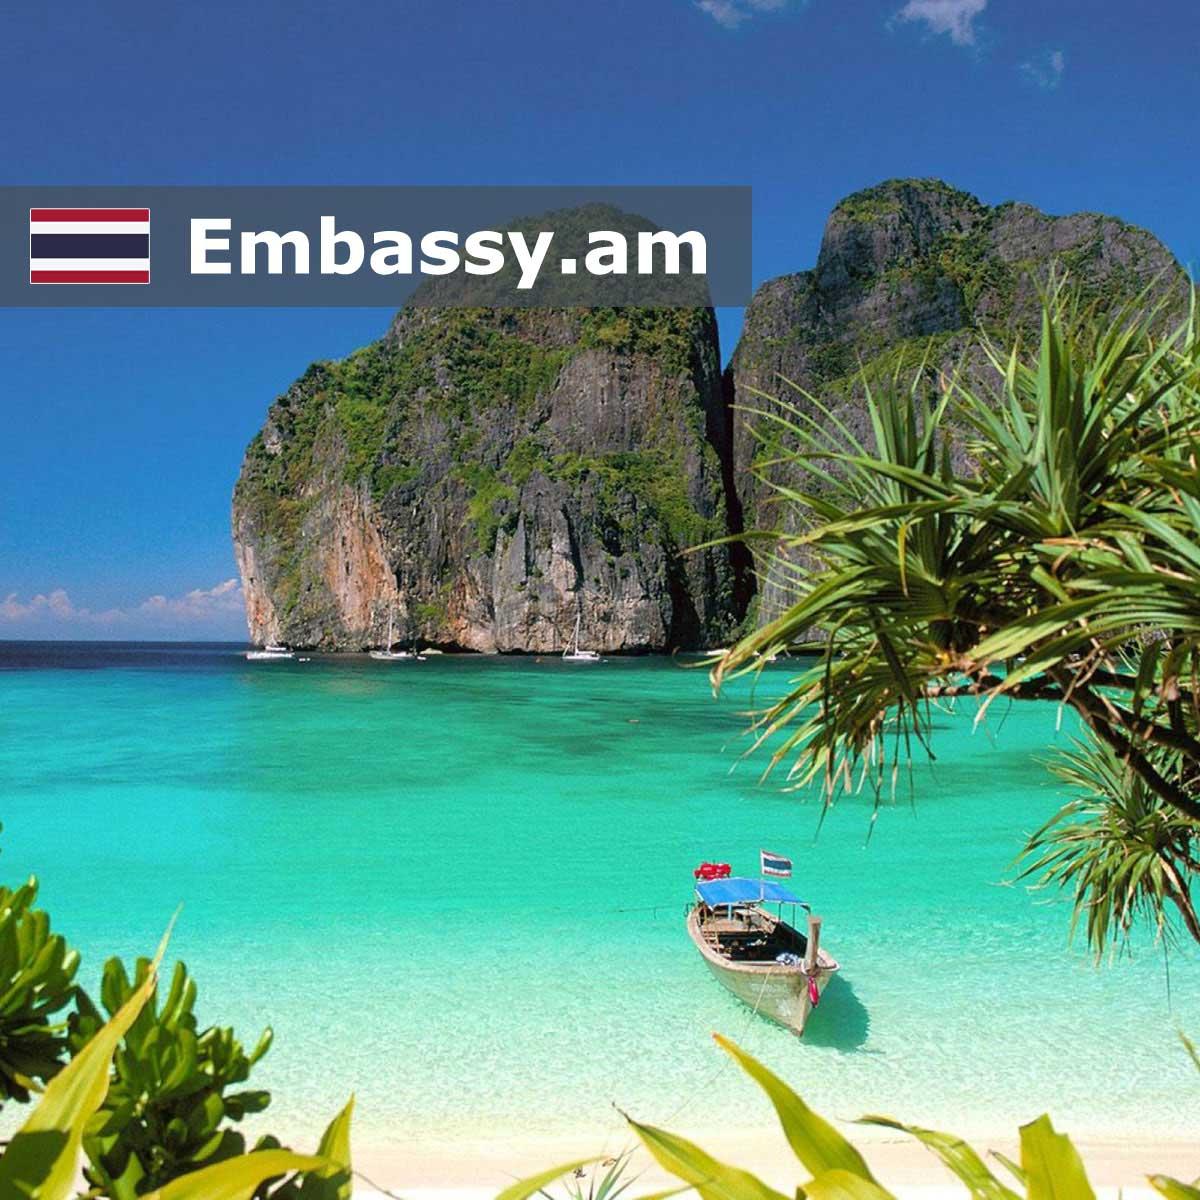 Ко-Пхи-Пхи-Дон - Отели в Таиланде - Embassy.am